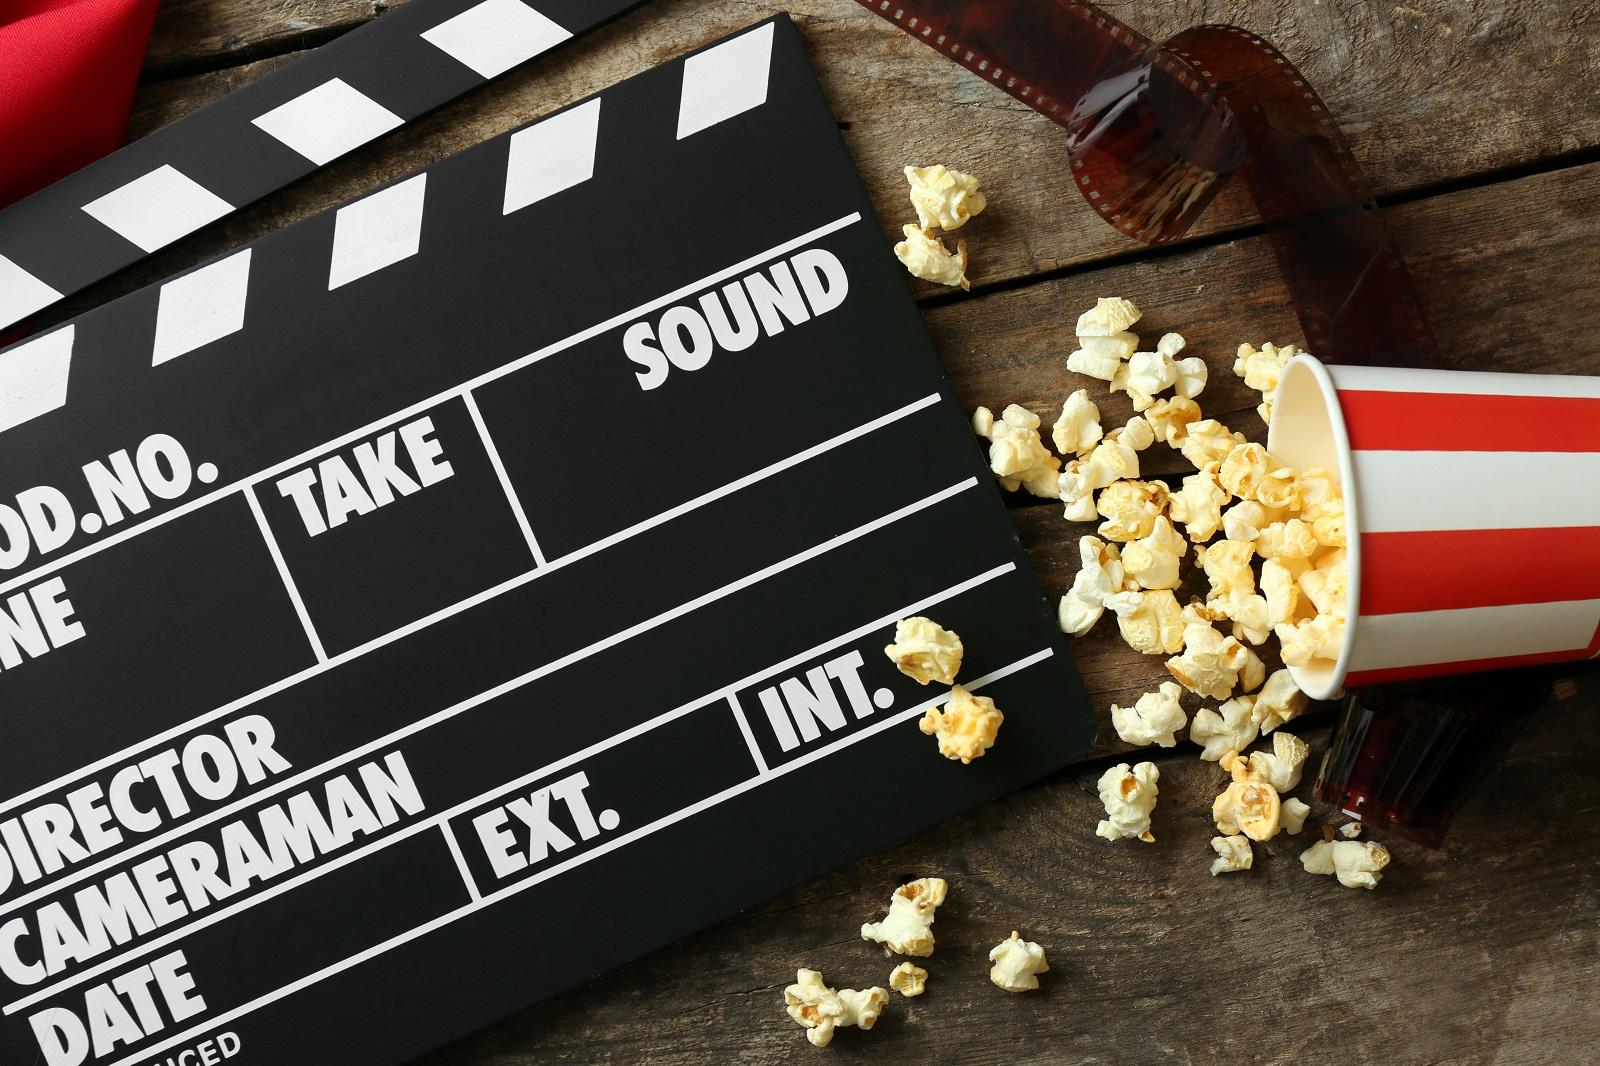 人生好難?精選5部正能量電影 幫你找回生活動力!